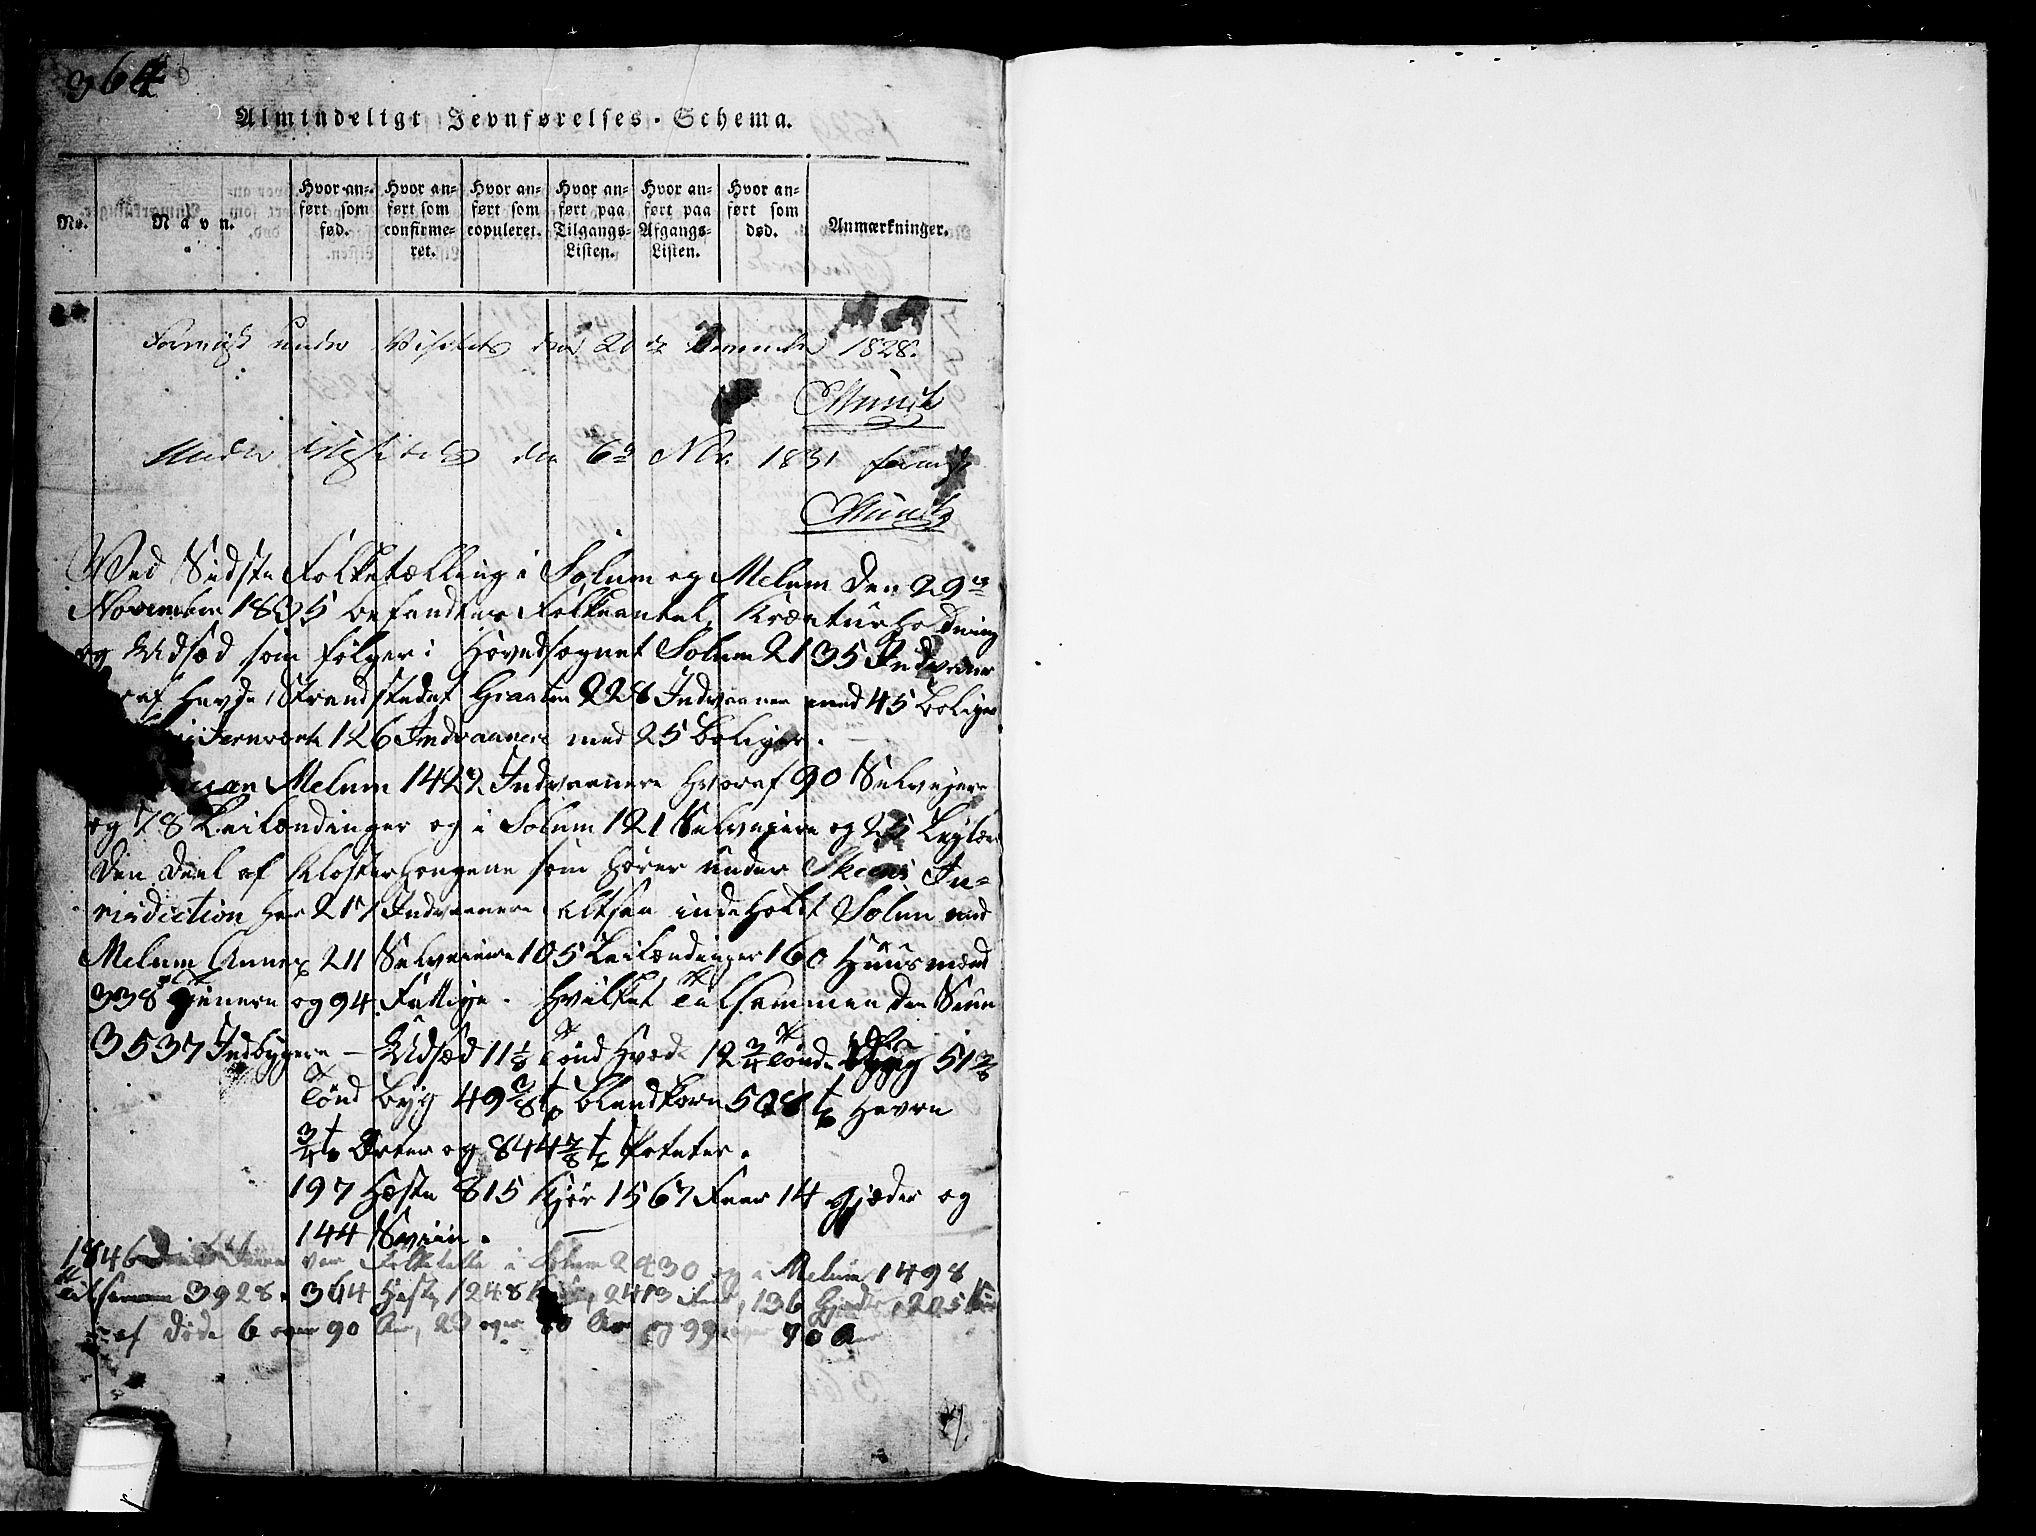 SAKO, Solum kirkebøker, G/Ga/L0001: Klokkerbok nr. I 1, 1814-1833, s. 364